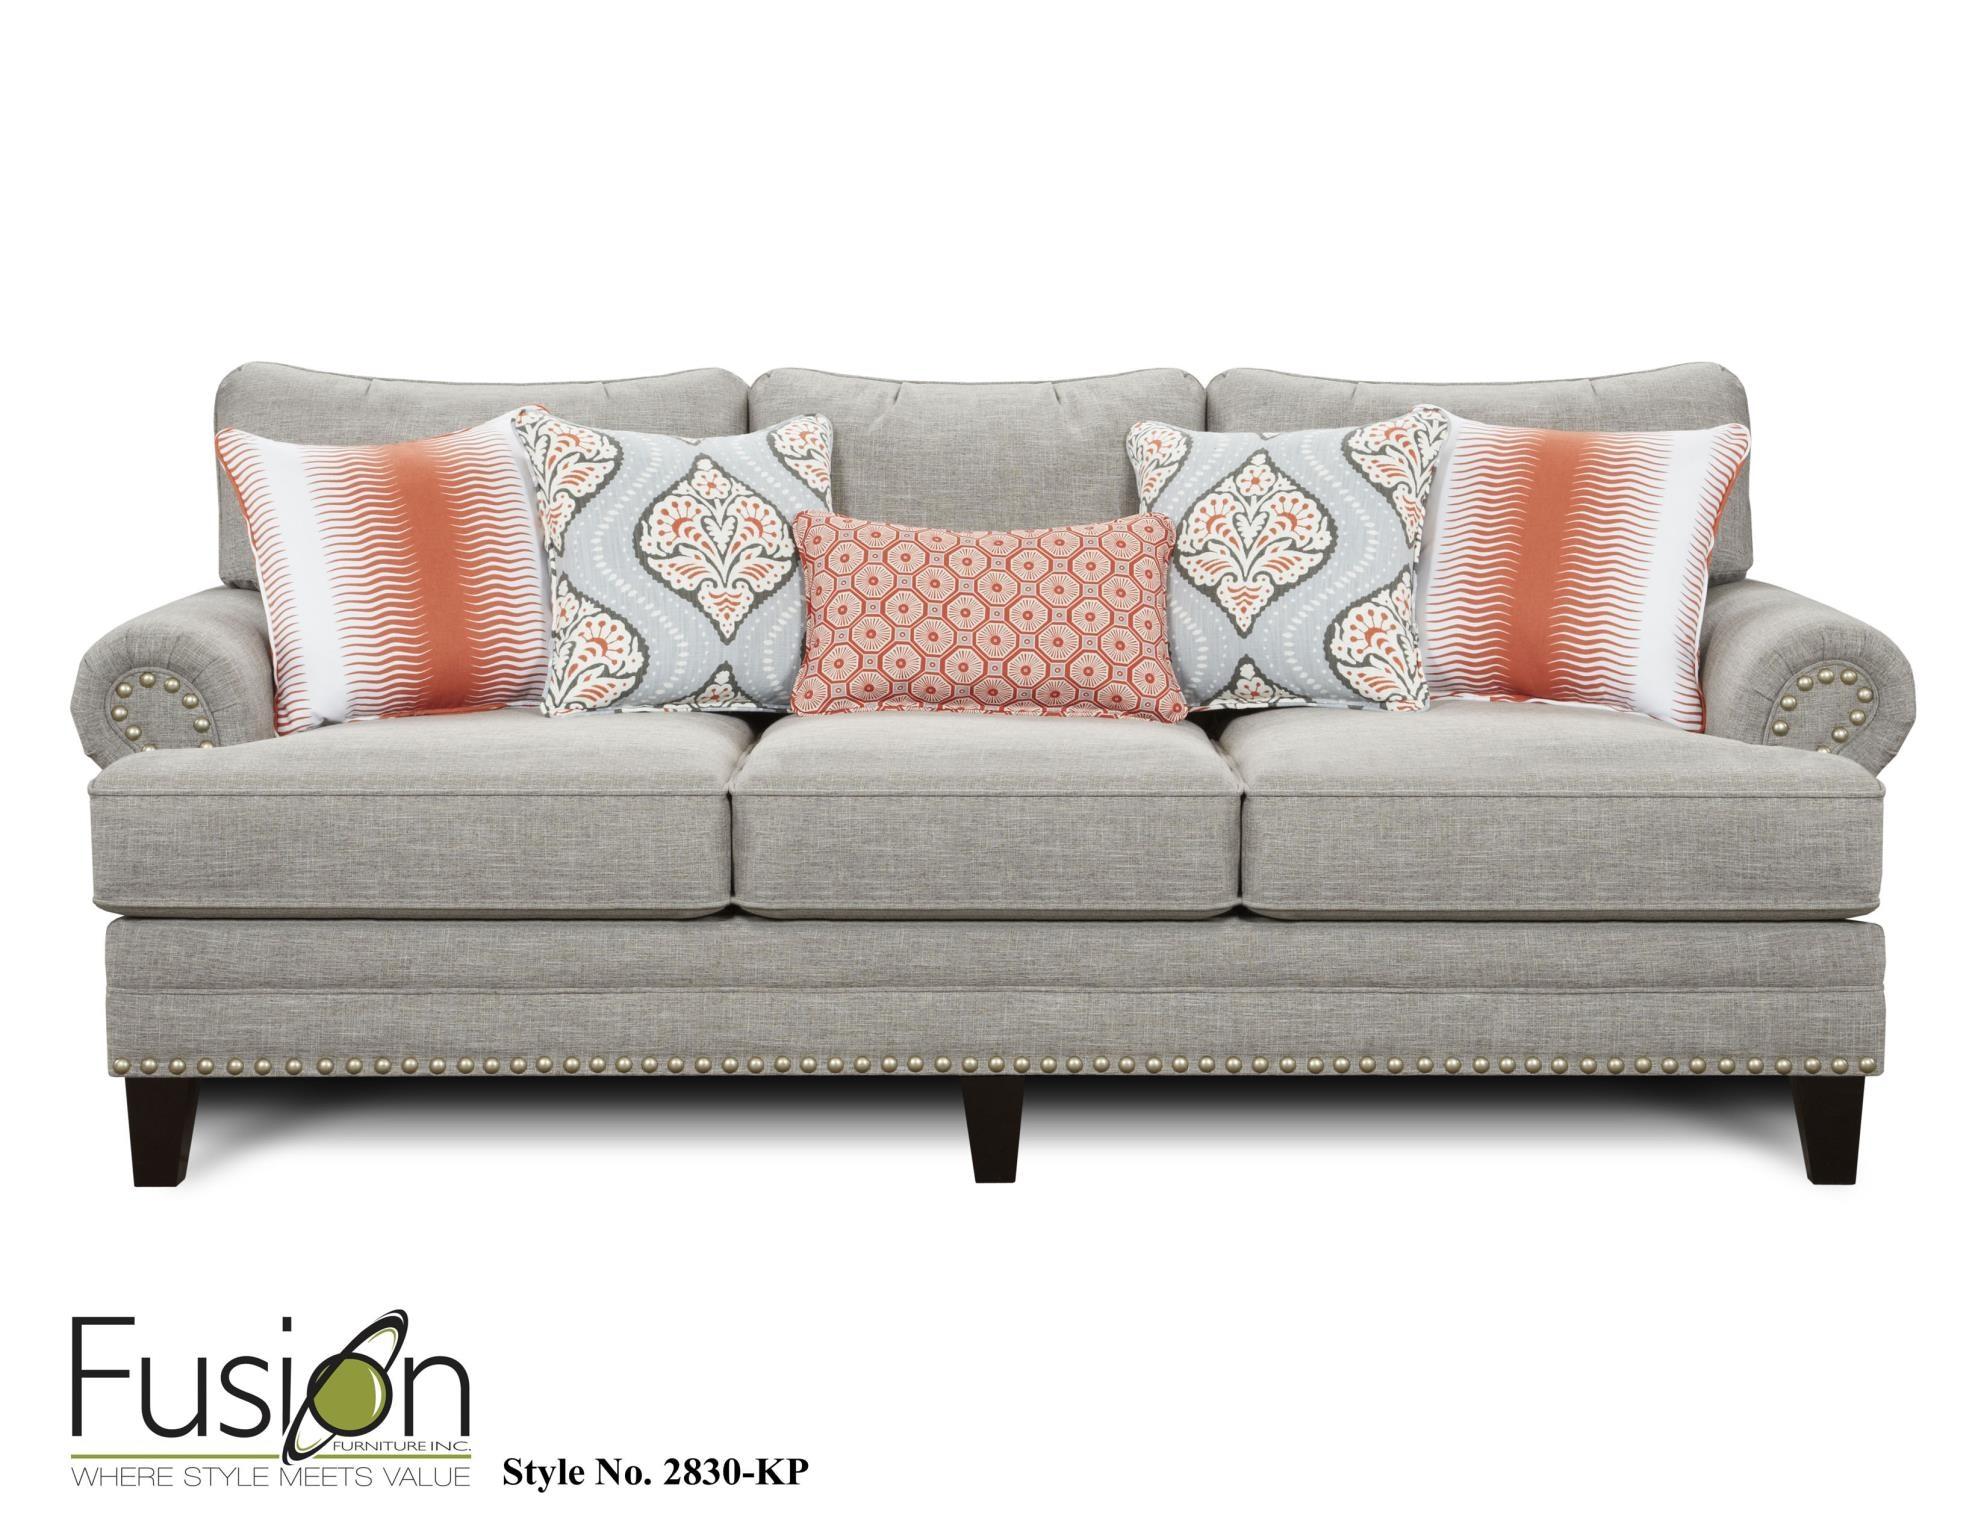 Perfect Fusion Sofa 2830 KPPARADIGM QUARTZ